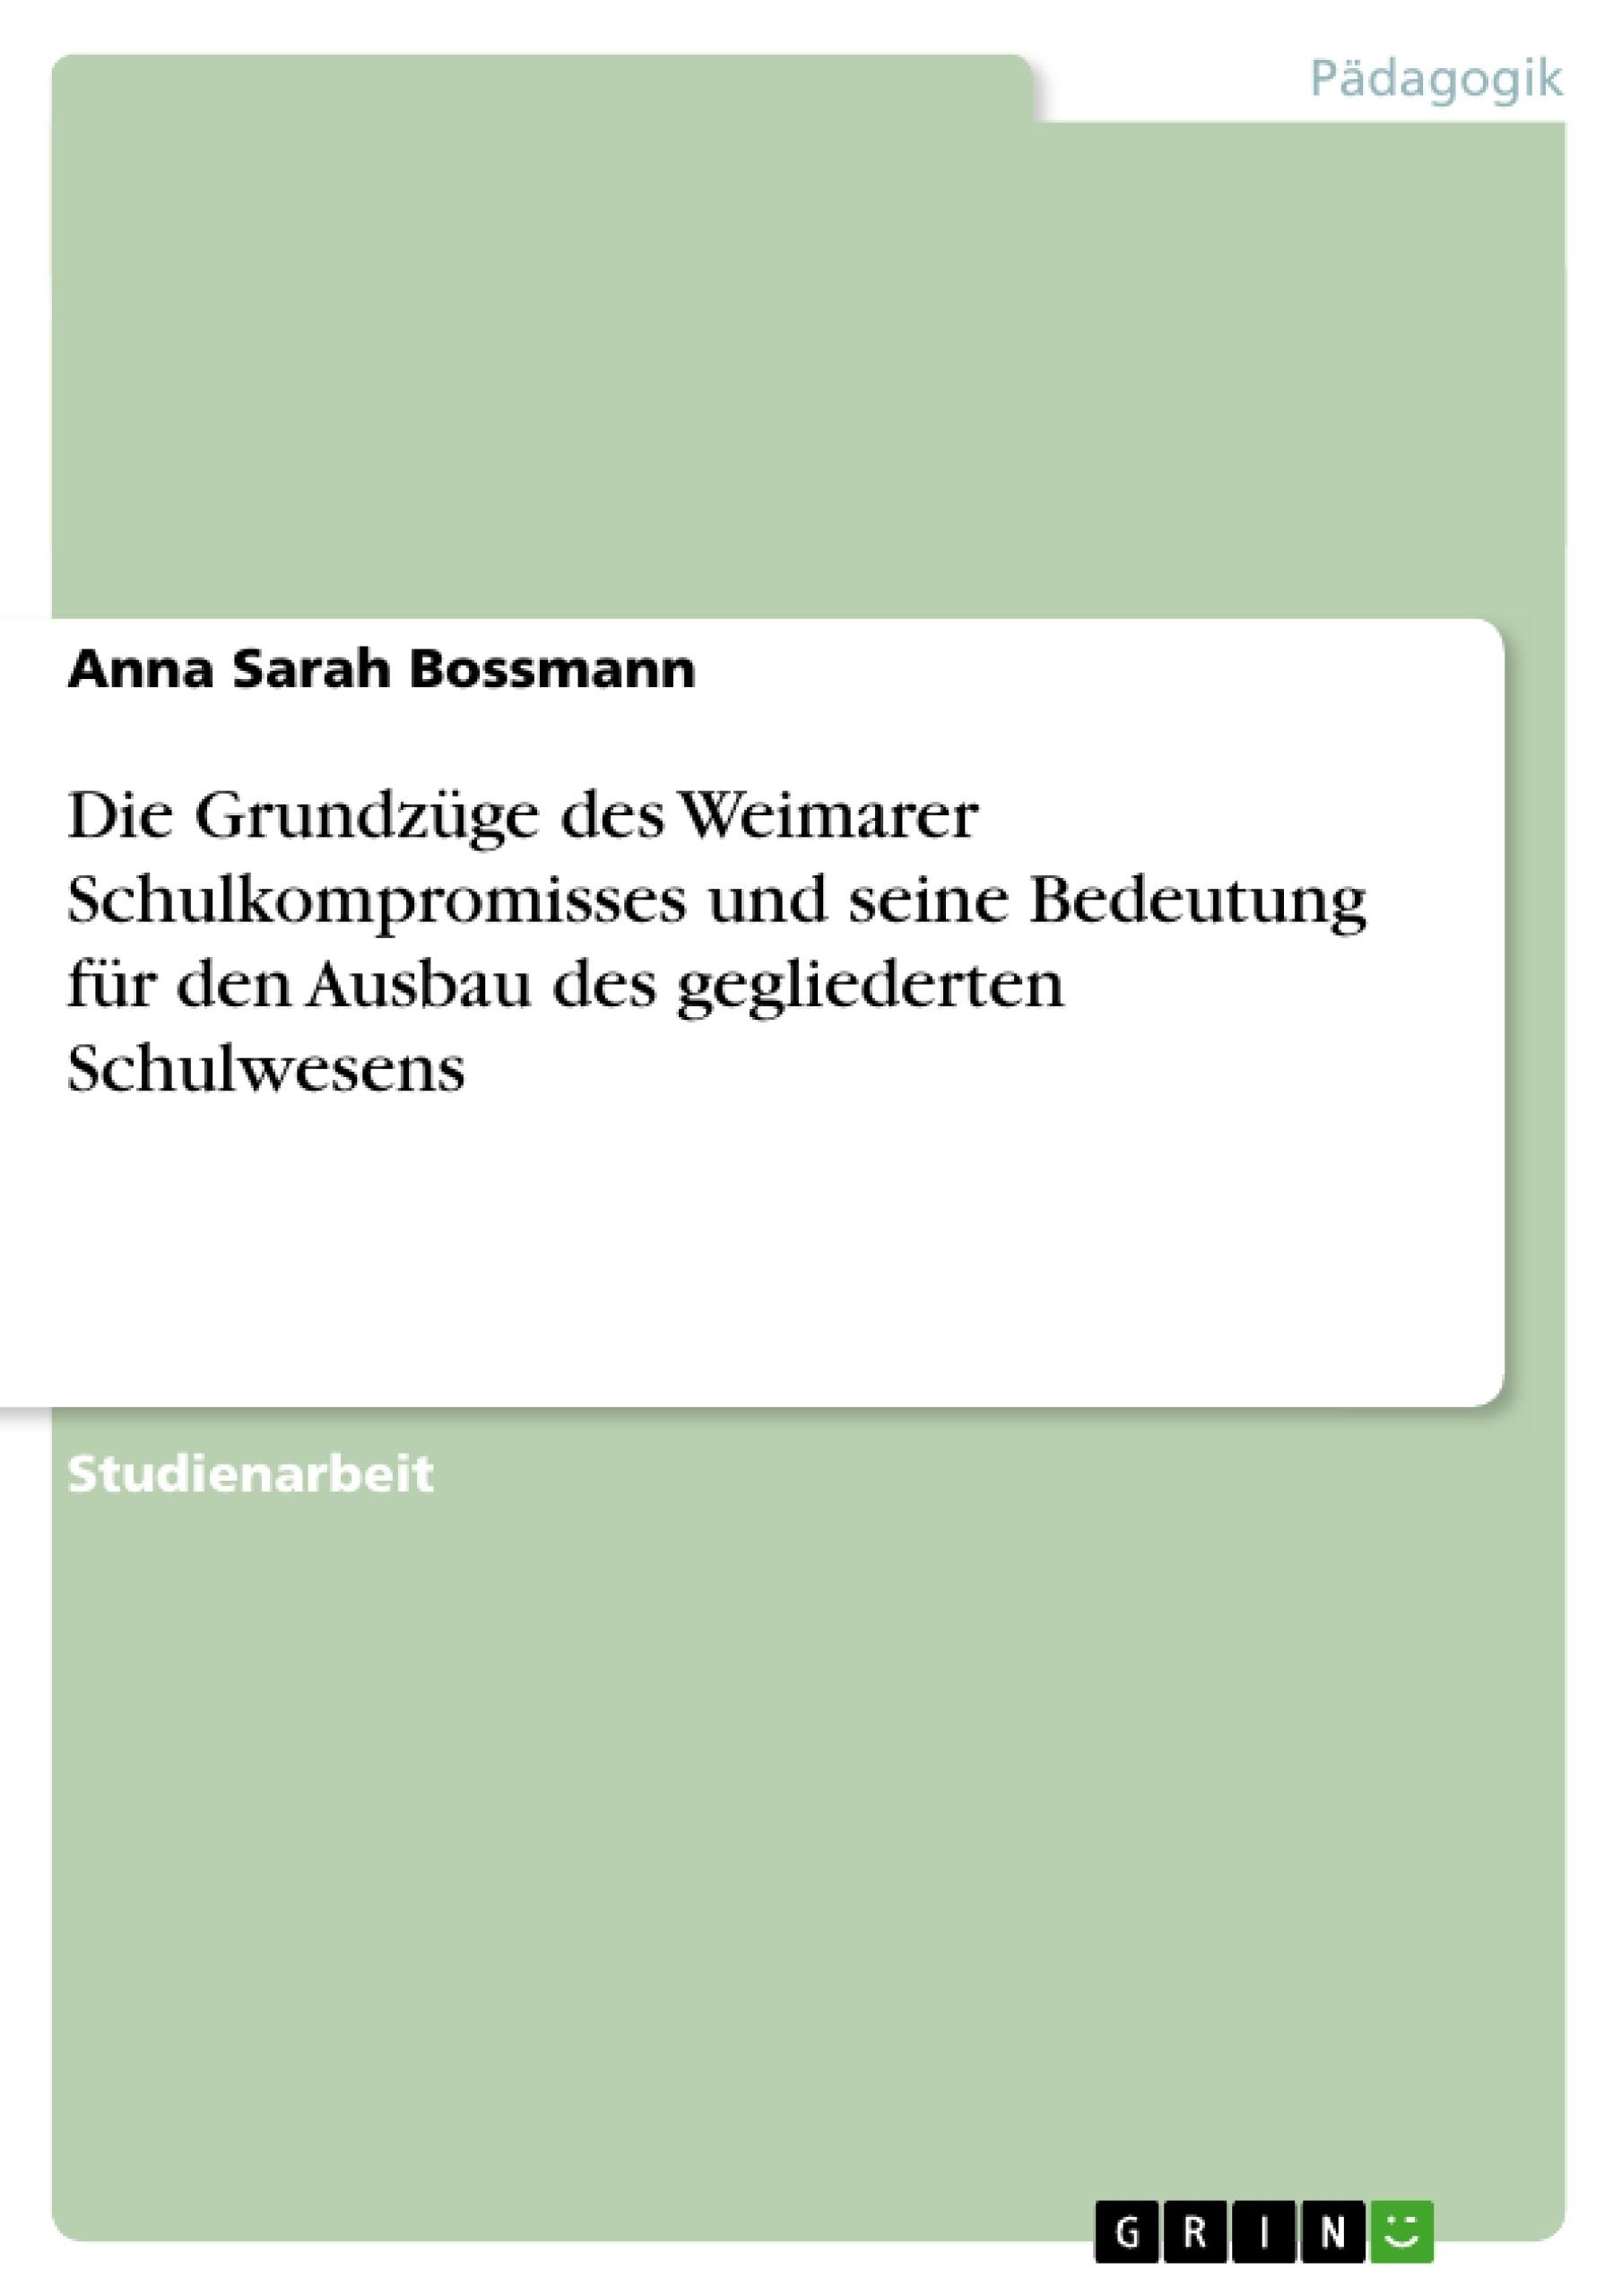 Titel: Die Grundzüge des Weimarer Schulkompromisses und seine Bedeutung für den Ausbau des gegliederten Schulwesens